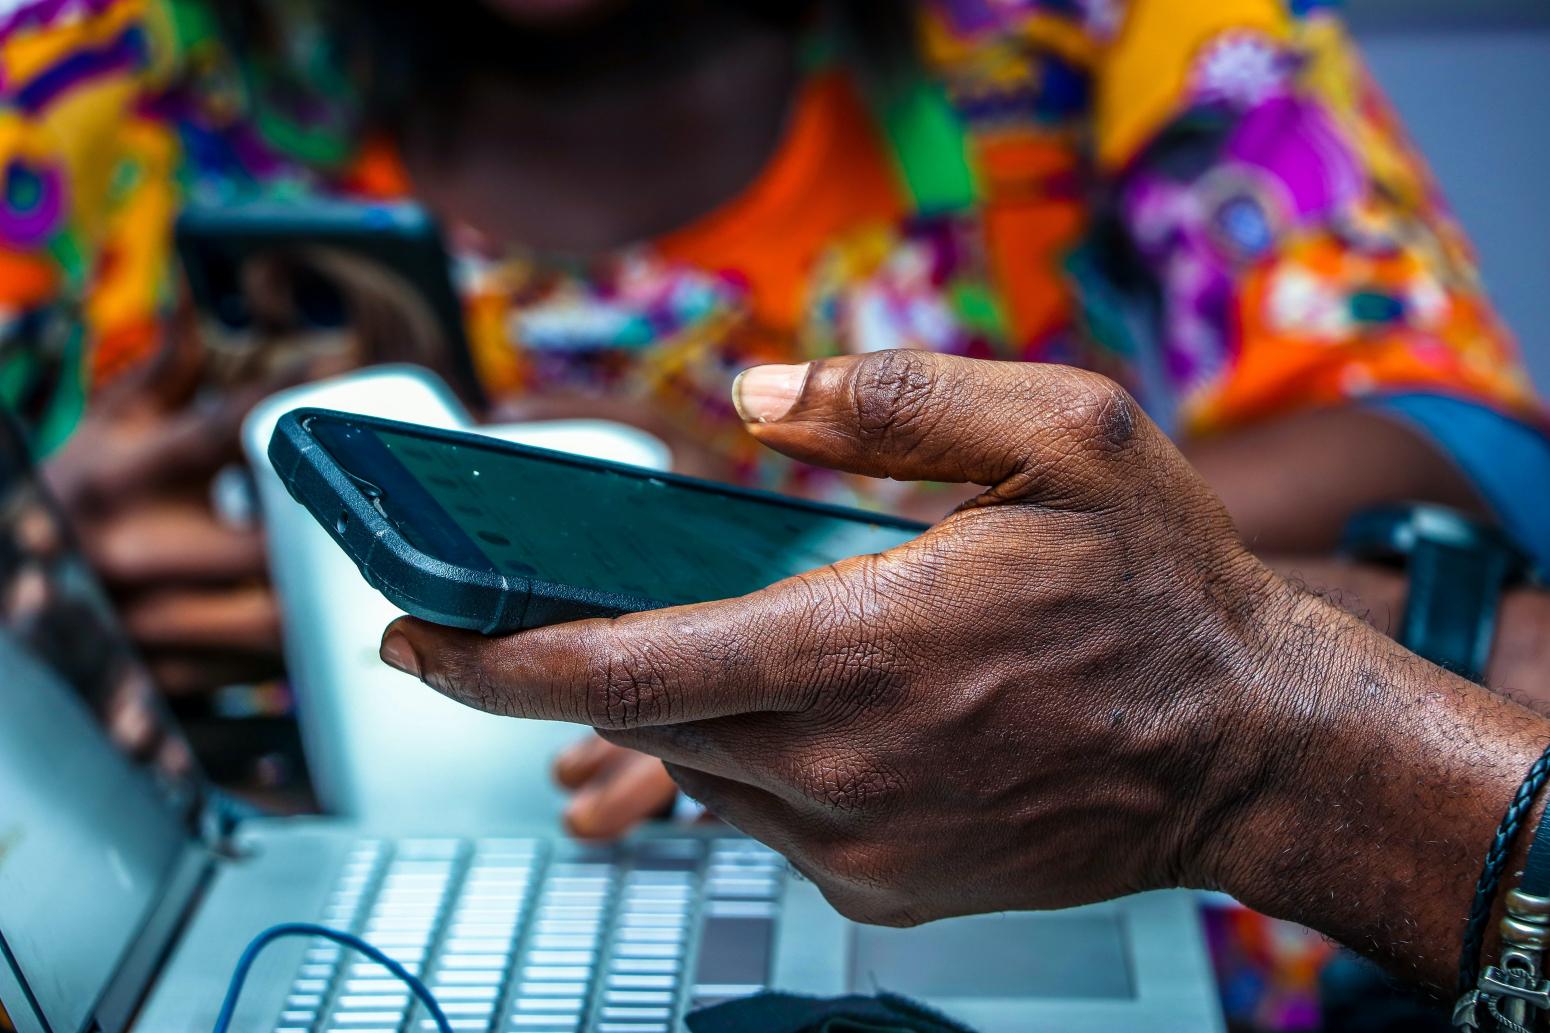 Photo d'une personne au Nigeria tenant un téléphone dans la main et un ordinateur devant elle accompagnée d'une autre personne au second plan